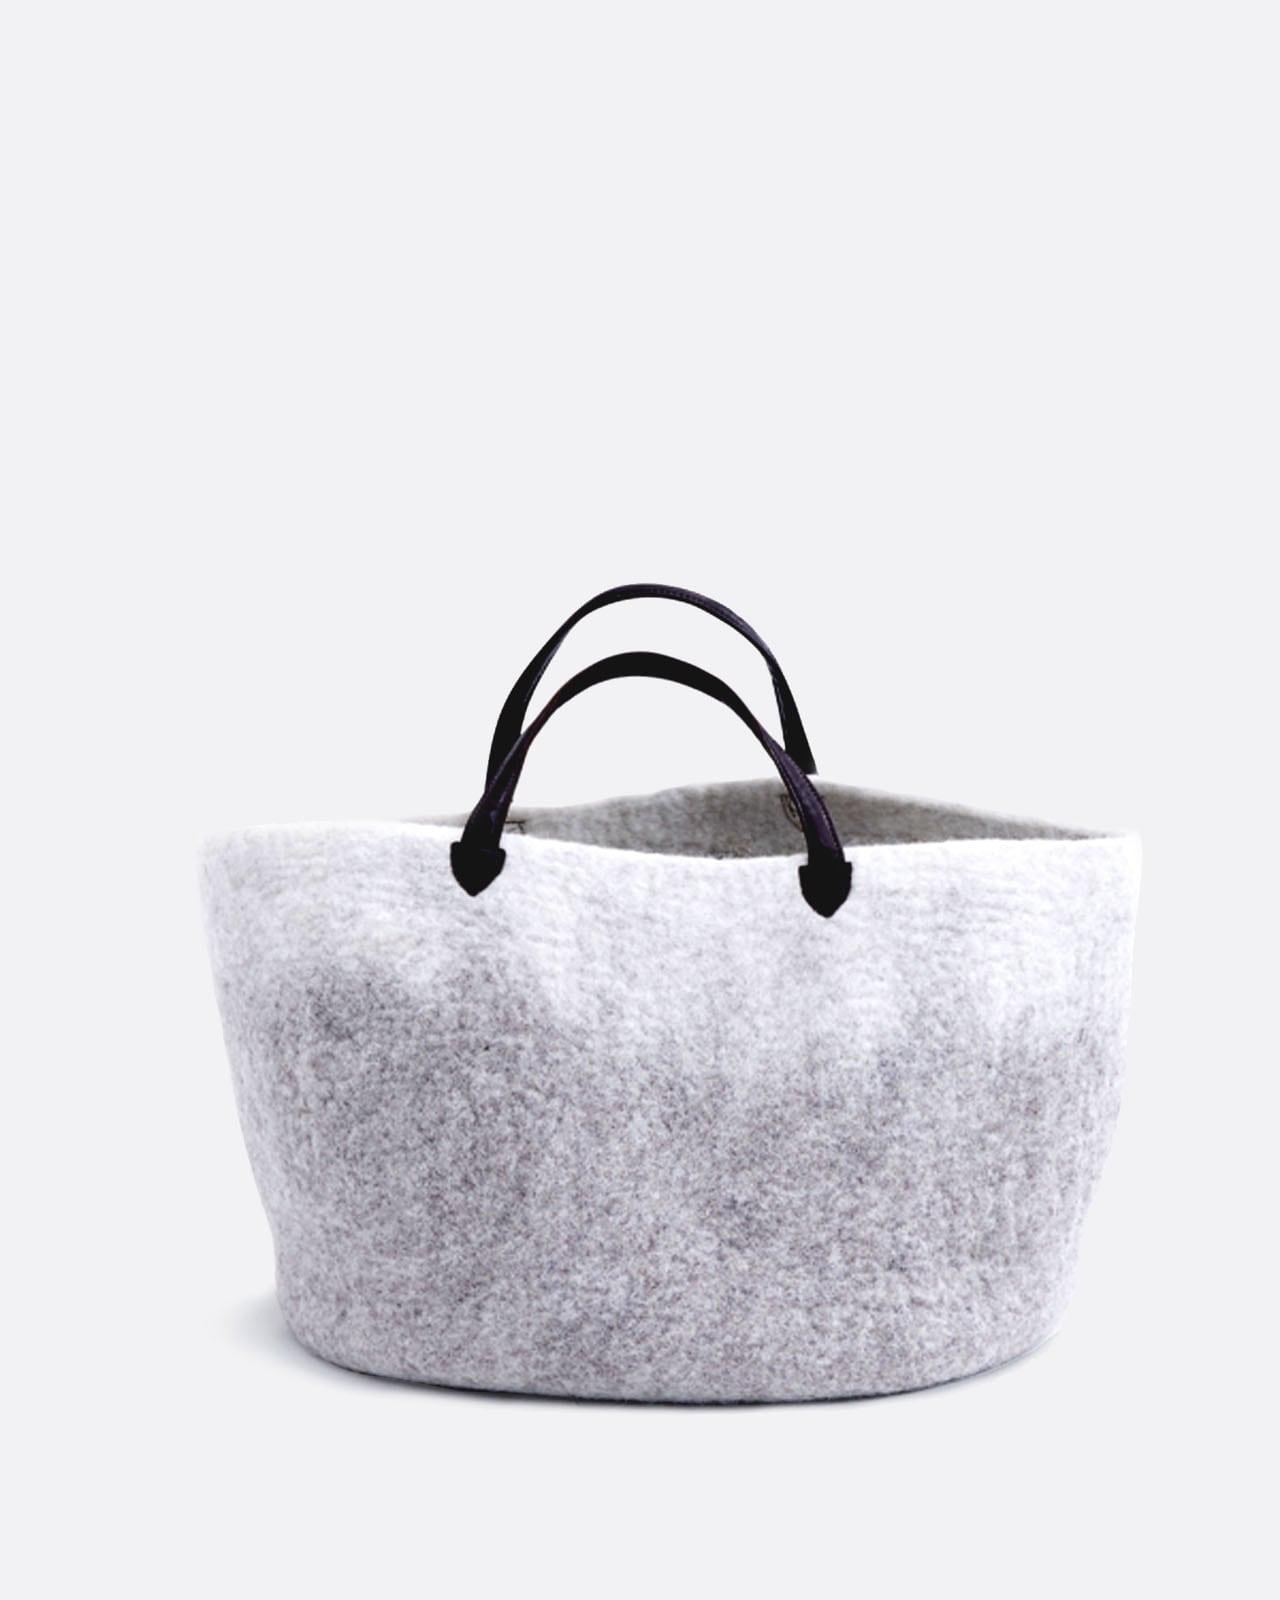 Felt Bag With Leather Hanger Designer